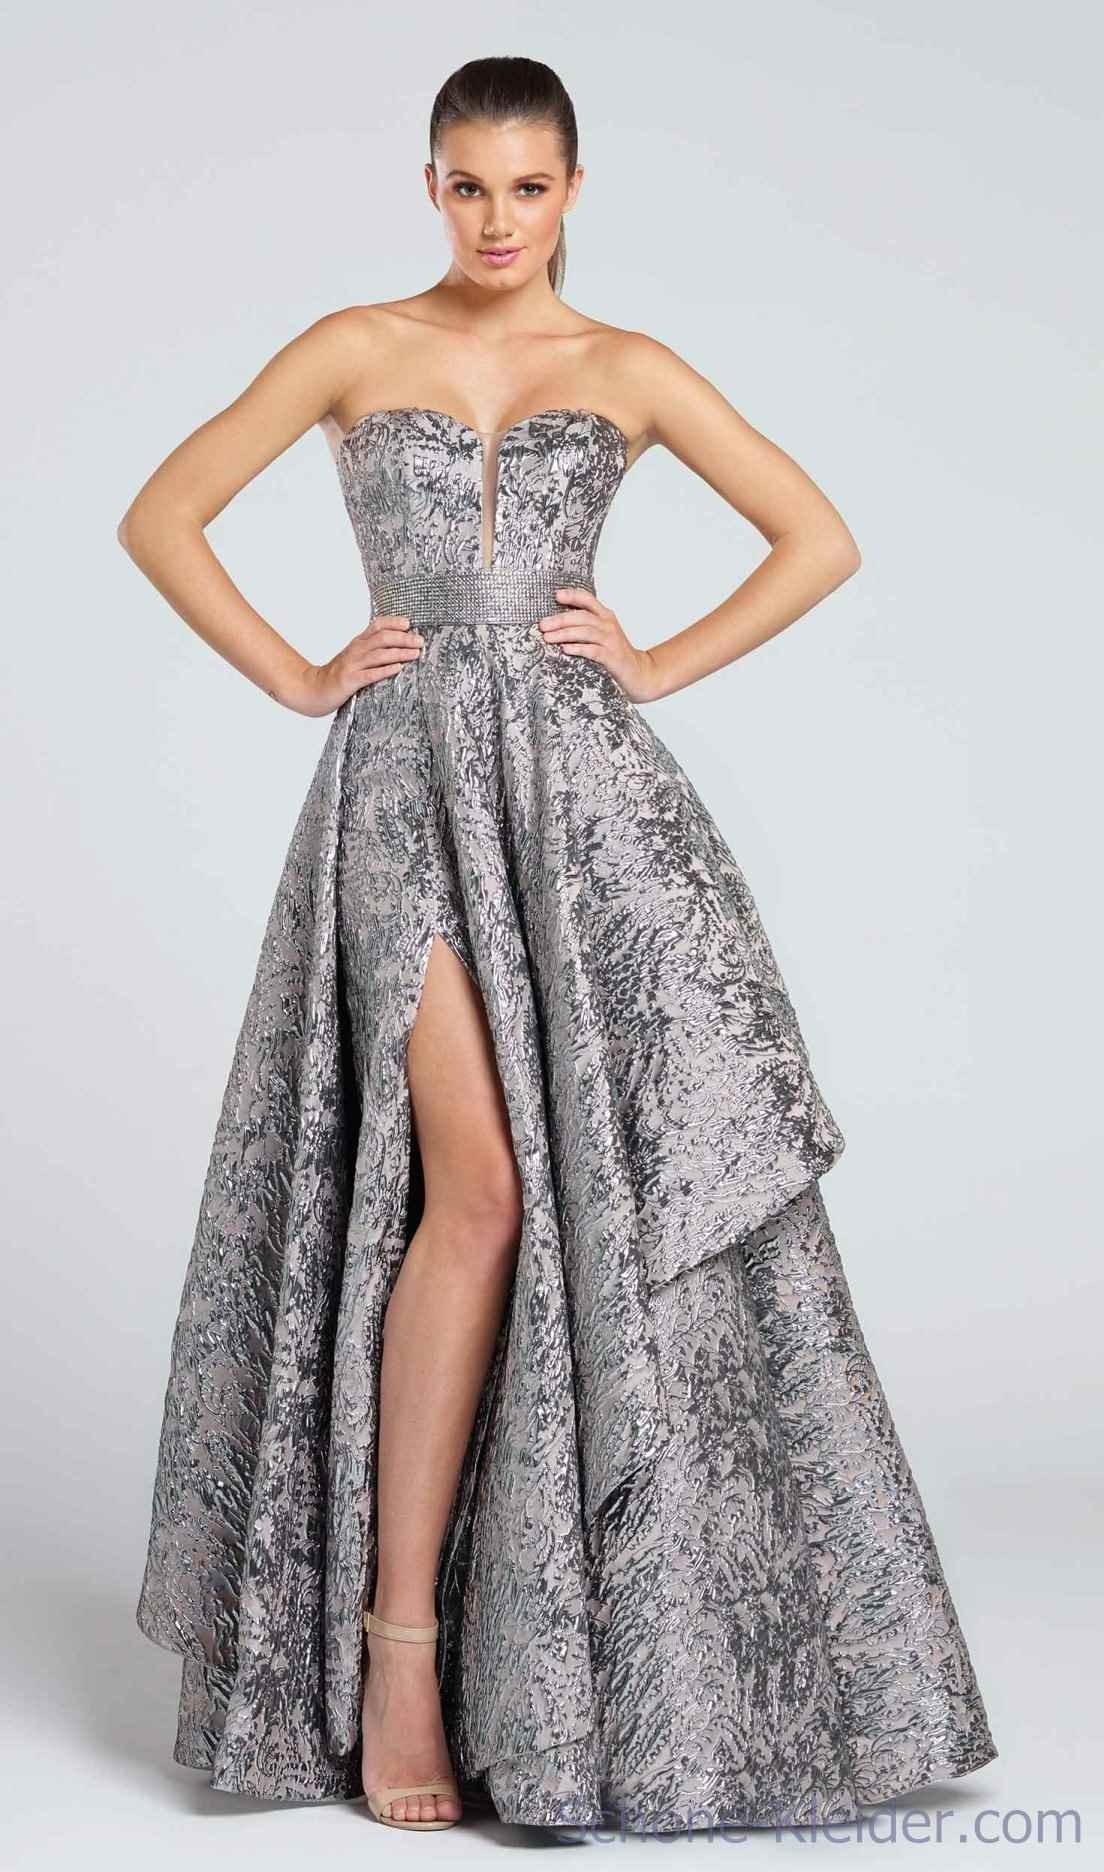 15 Luxurius Elegantes Abendkleid Lang Stylish17 Leicht Elegantes Abendkleid Lang für 2019